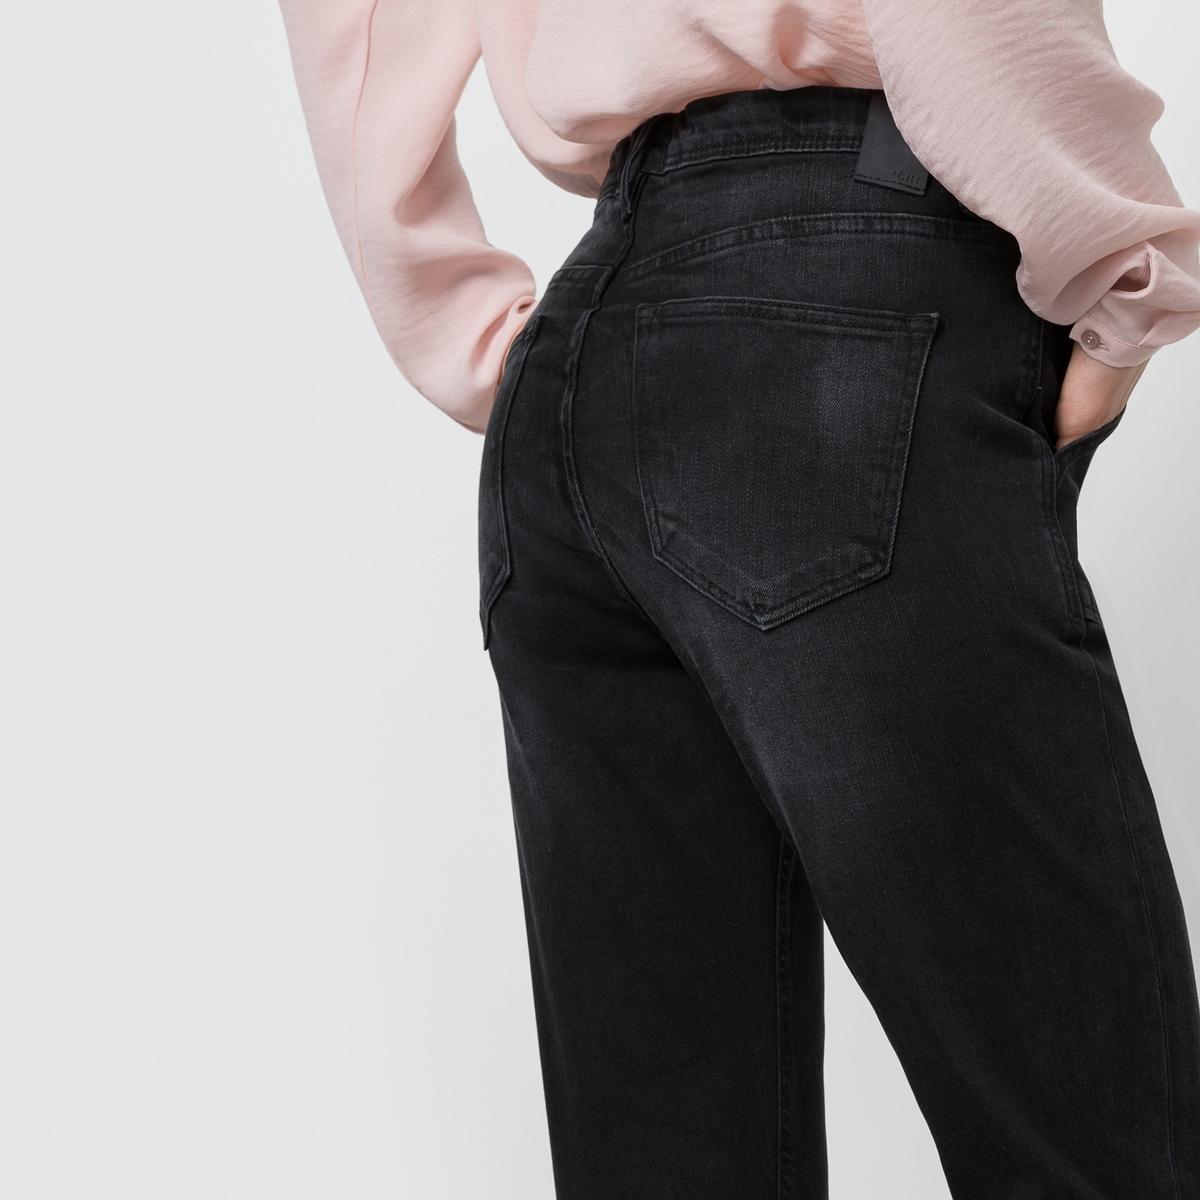 Джинсы укороченныеУкороченные джинсы ICHI. 2 косых кармана спереди. Линия талии завышенная.           Состав и описание:Материал: 98% хлопка, 2% эластана.     Марка:  ICHI.<br><br>Цвет: черный размытый